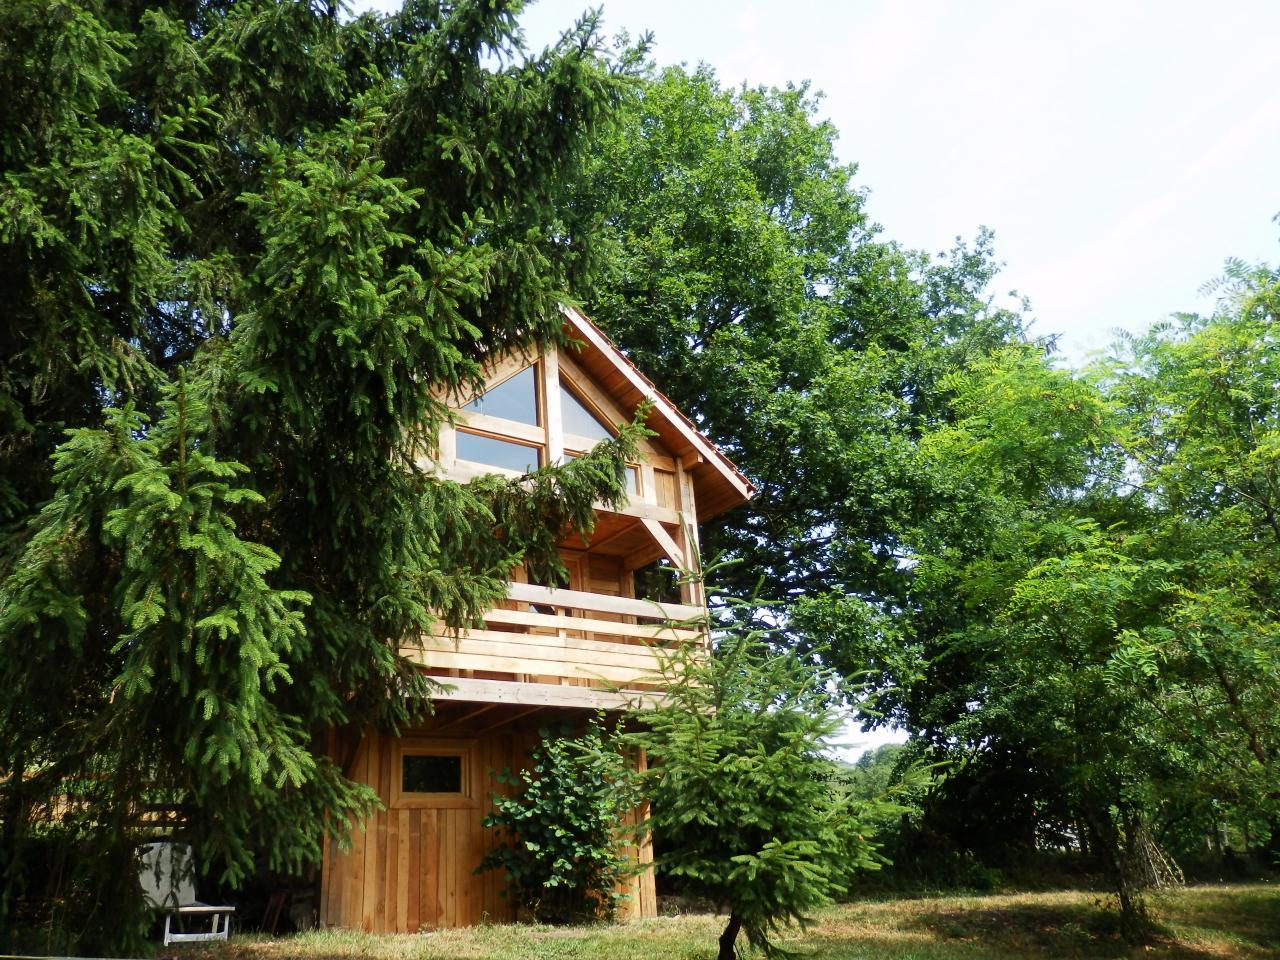 cabane chalet ecolodge